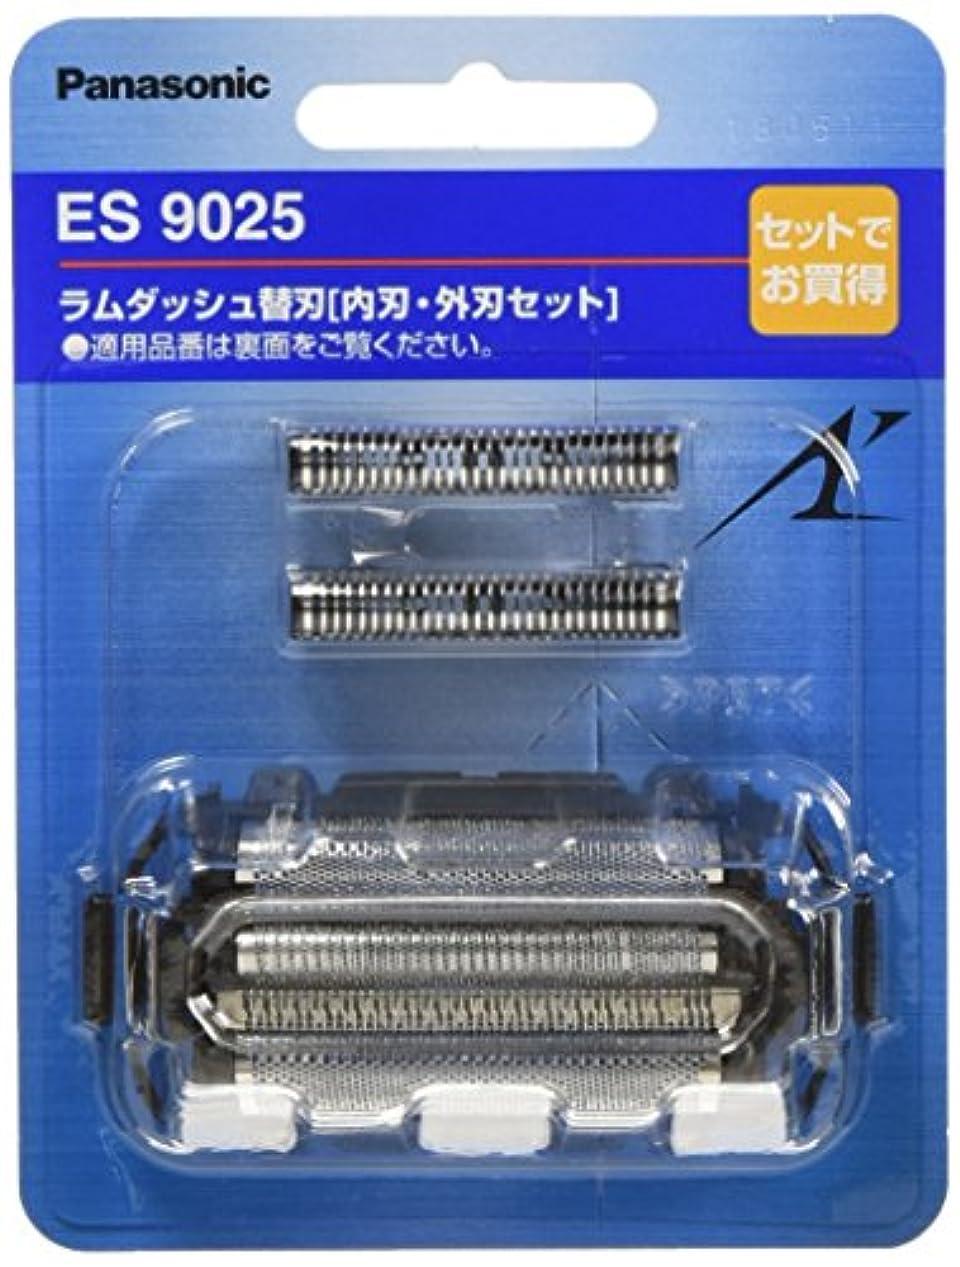 本会議リビングルーム飾るパナソニック 替刃 メンズシェーバー用 セット刃 ES9025